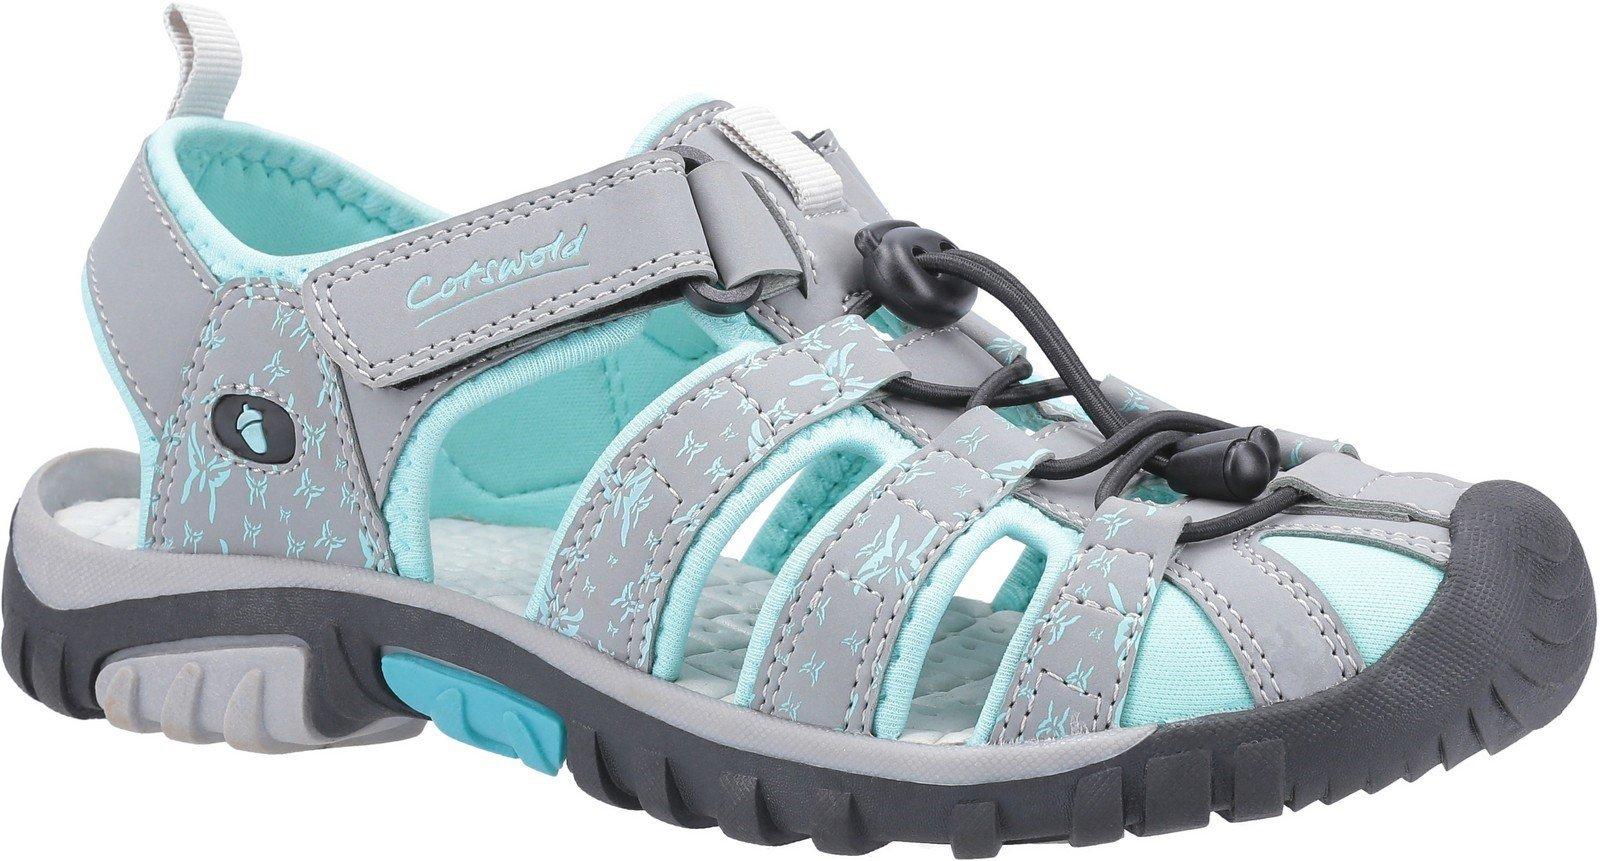 Cotswold Women's Sandhurst Touch Fastening Sandal Various Colours 30143 - Grey/Aqua 3